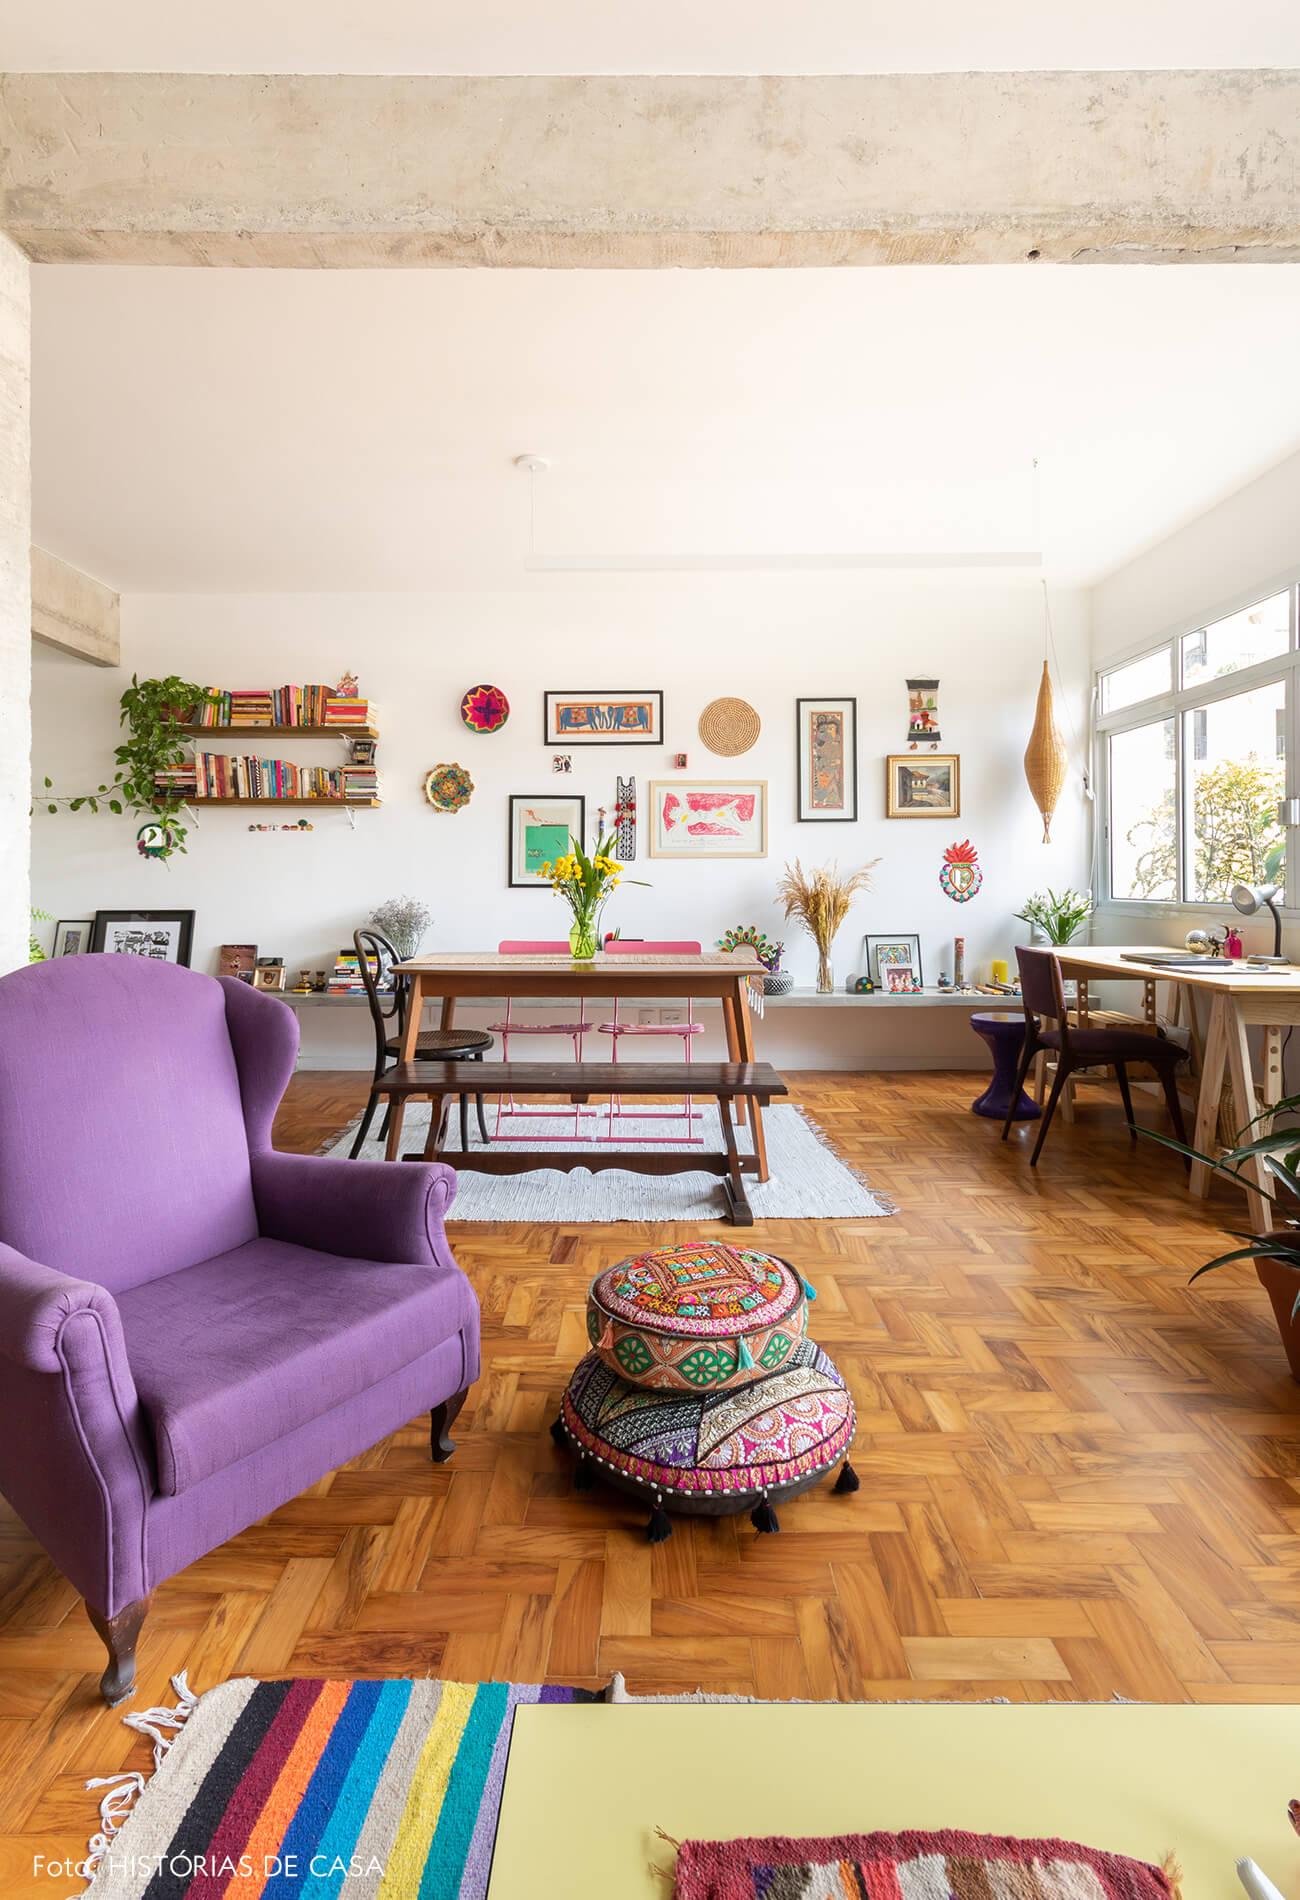 decoração sala colorida com chão de taco e poltrona roxa